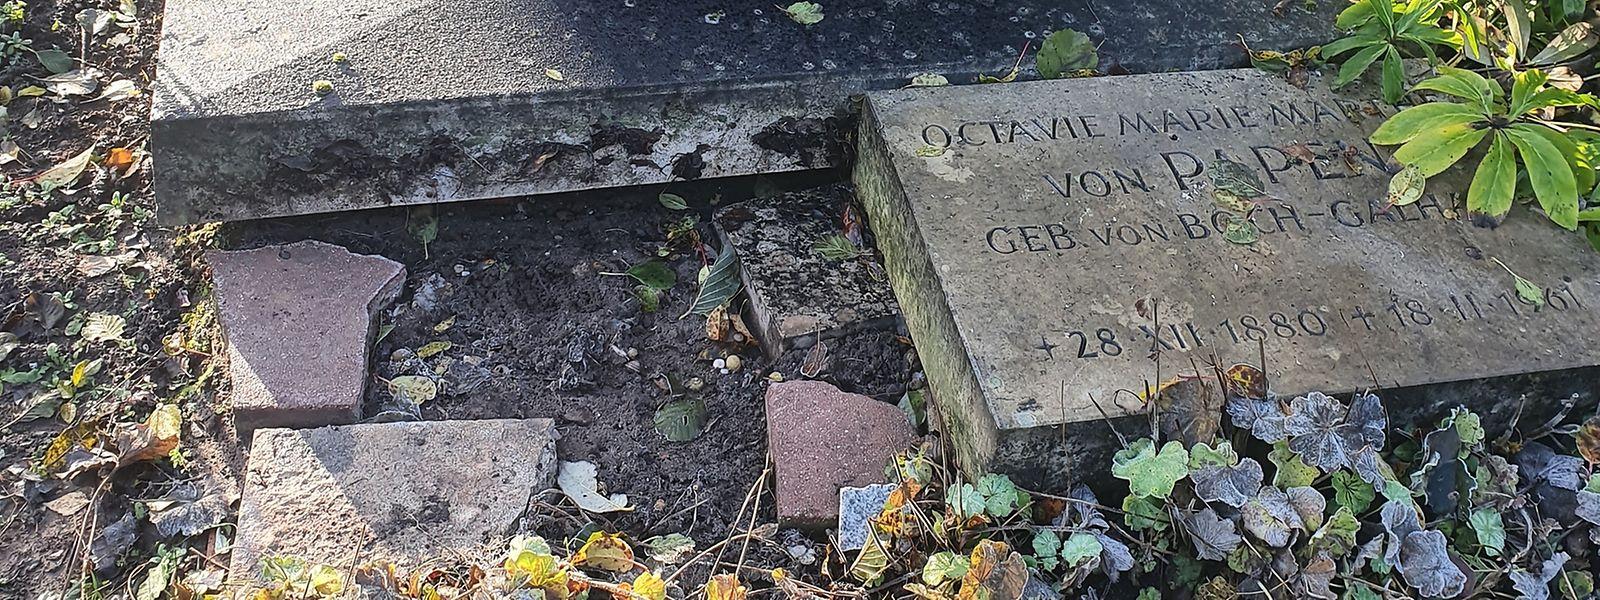 An der Stelle, wo Franz von Papens Grabstein liegen sollte, klafft eine Lücke im Boden.